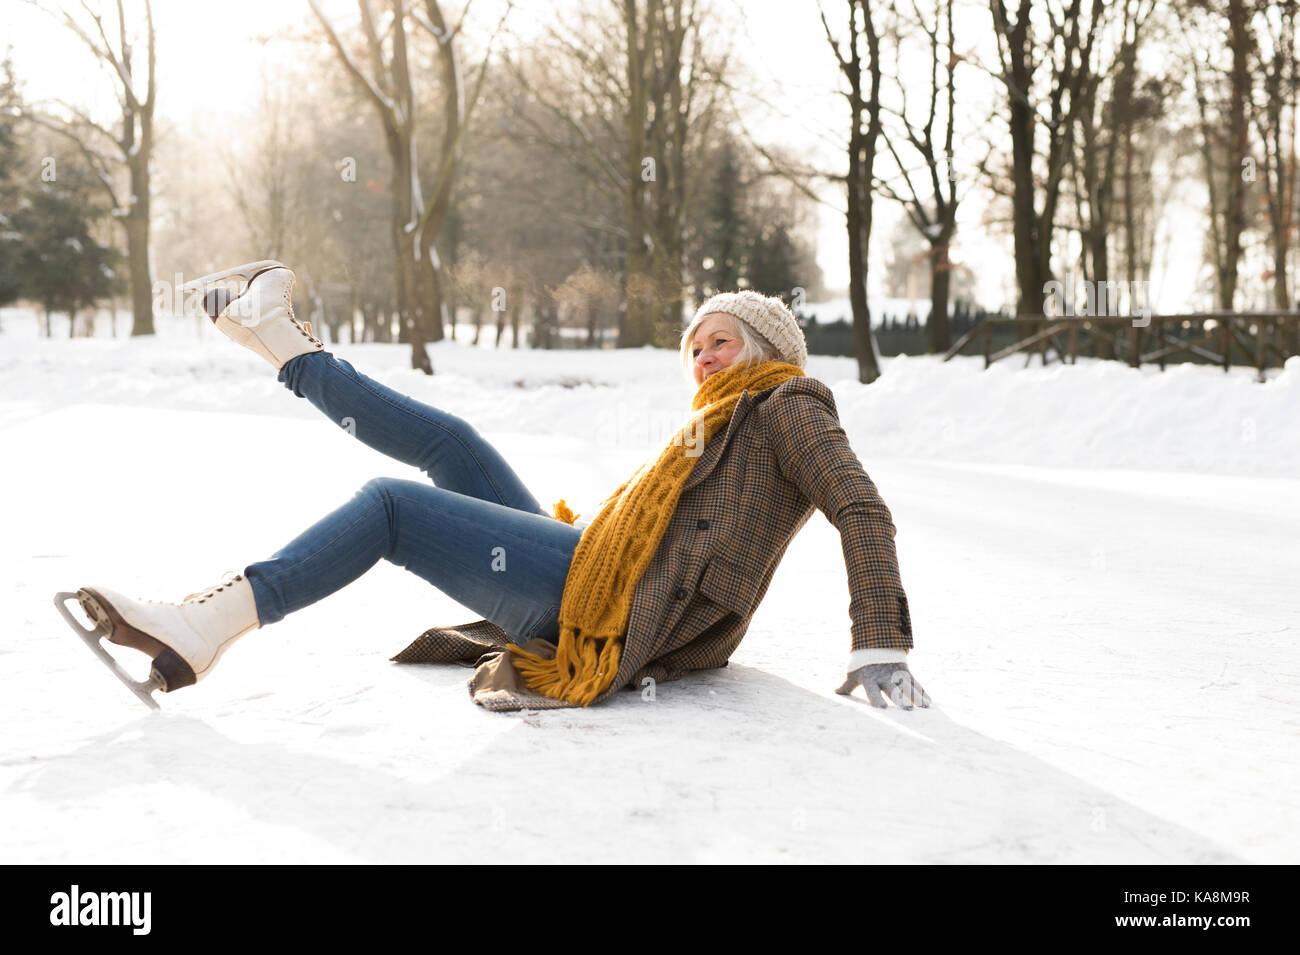 Senior woman sur la glace après une chute. Photo Stock